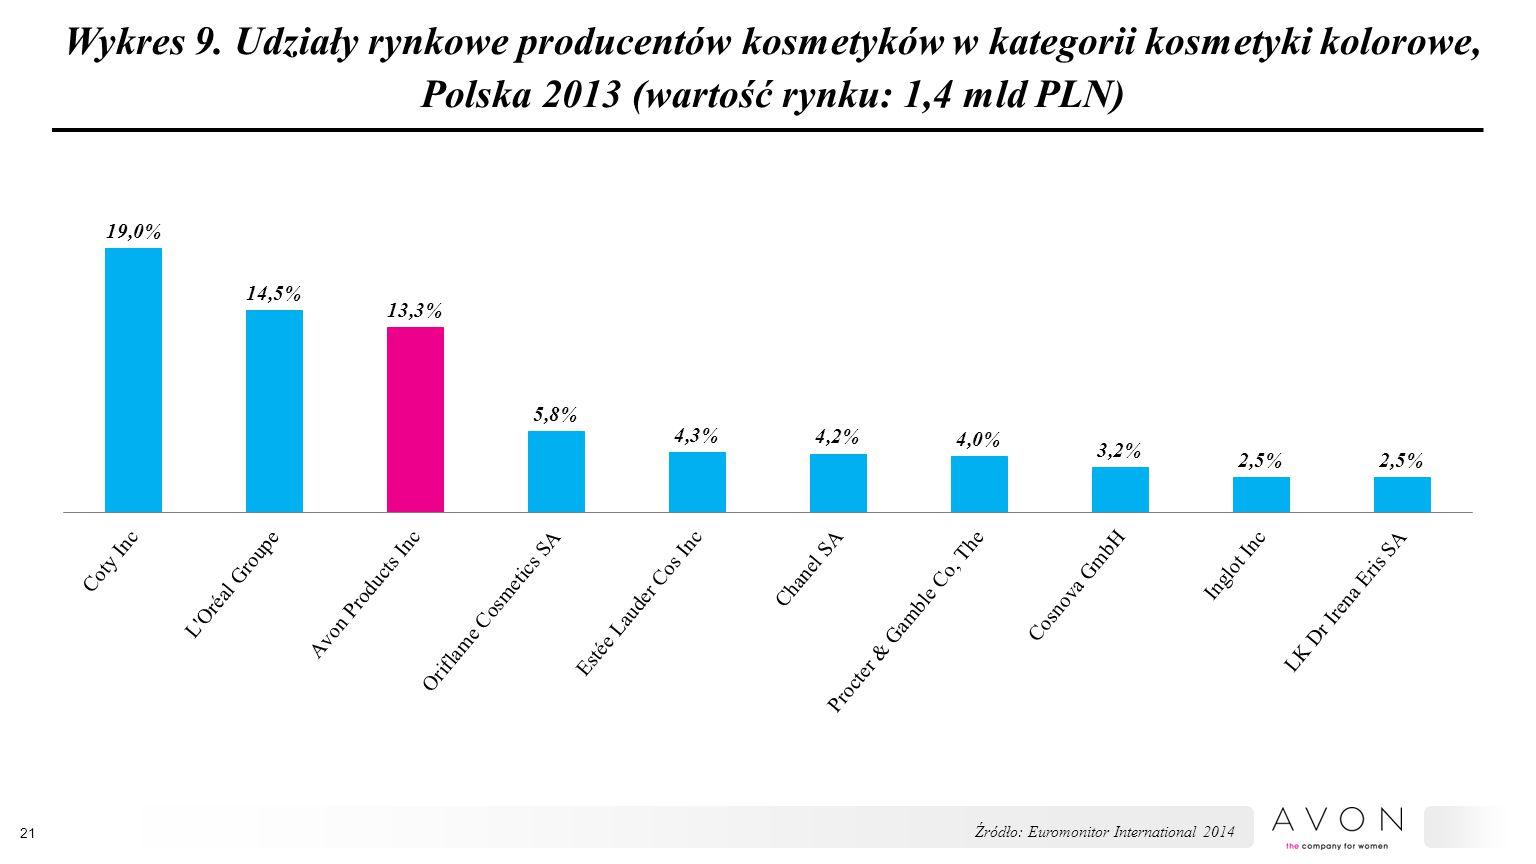 Wykres 9. Udziały rynkowe producentów kosmetyków w kategorii kosmetyki kolorowe, Polska 2013 (wartość rynku: 1,4 mld PLN)